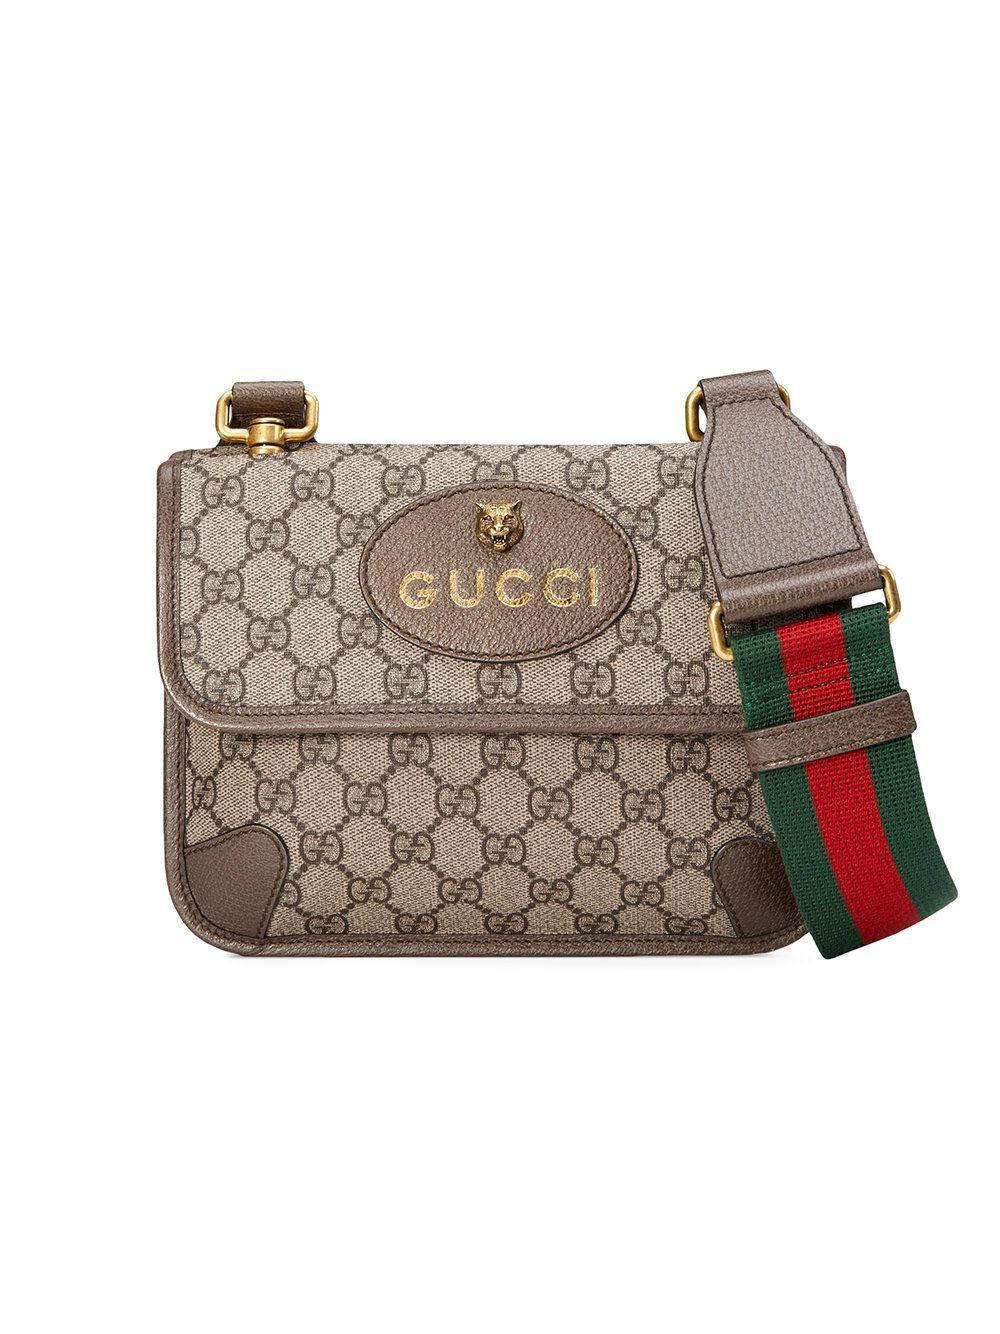 763ee588842fb4 Gucci GG Supreme small messenger bag | Bags | Bags, Small messenger ...